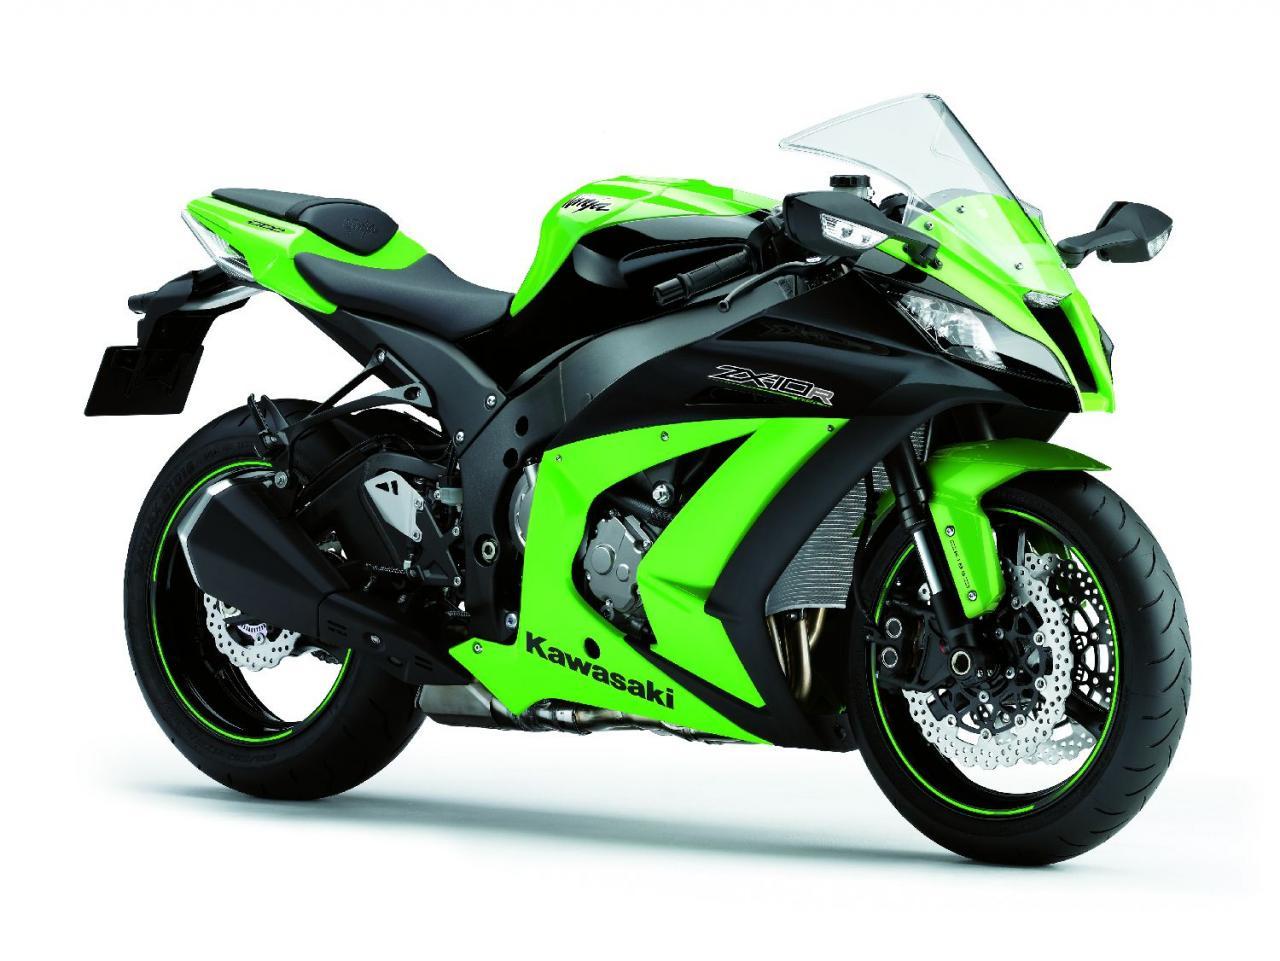 Kawasaki Ninja Zx R